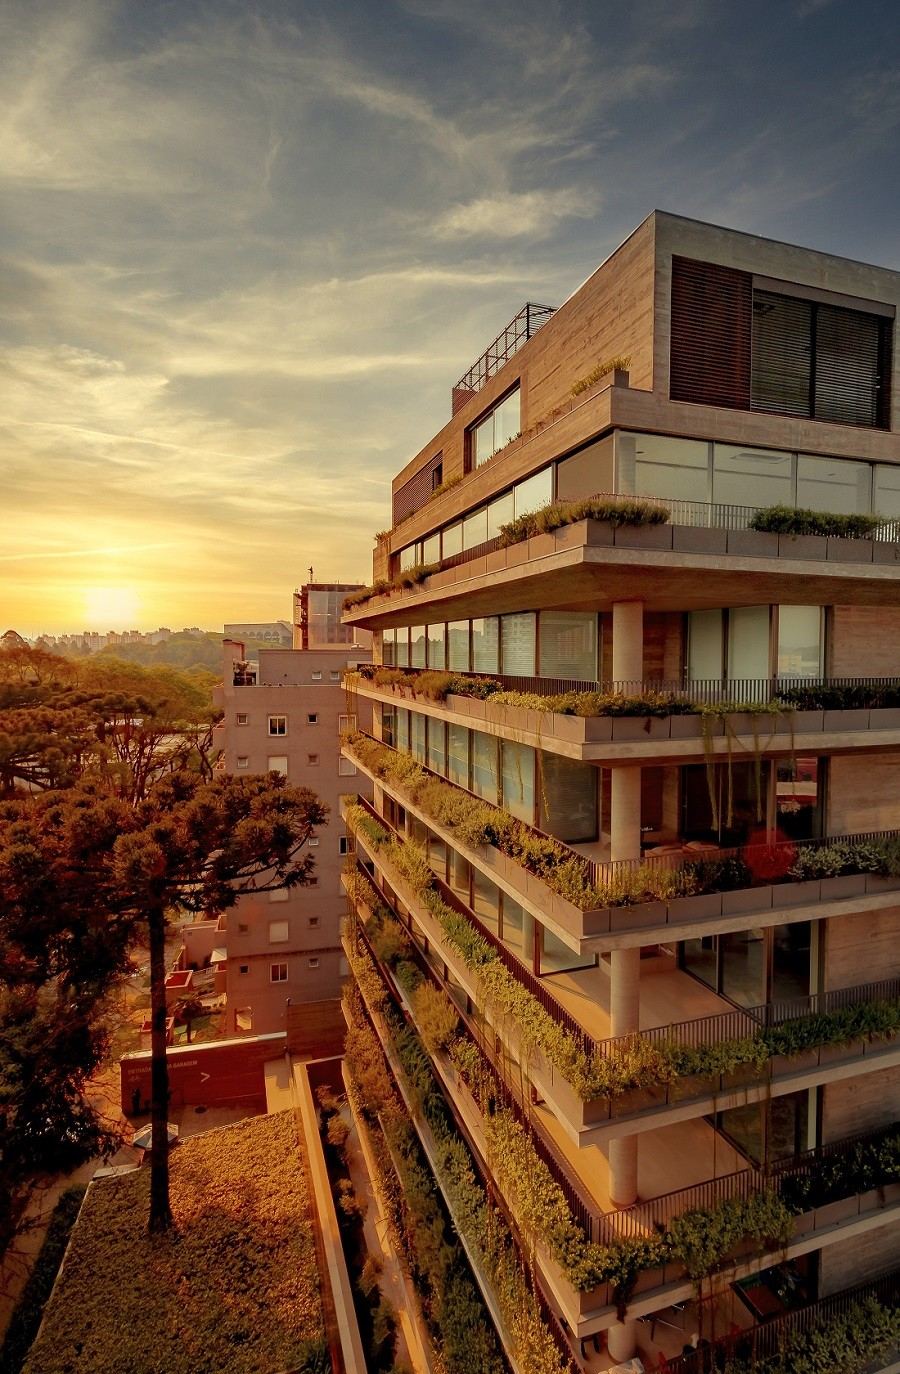 O residencial também já recebeu outros importantes prêmios do mercado de imóveis, como o 23º Prêmio Master Imobiliário e o  terceiro lugar no prêmio Saint-Gobain de Arquitetura Habitat Sustentável (Foto: Marcelo Araújo / Divulgação)